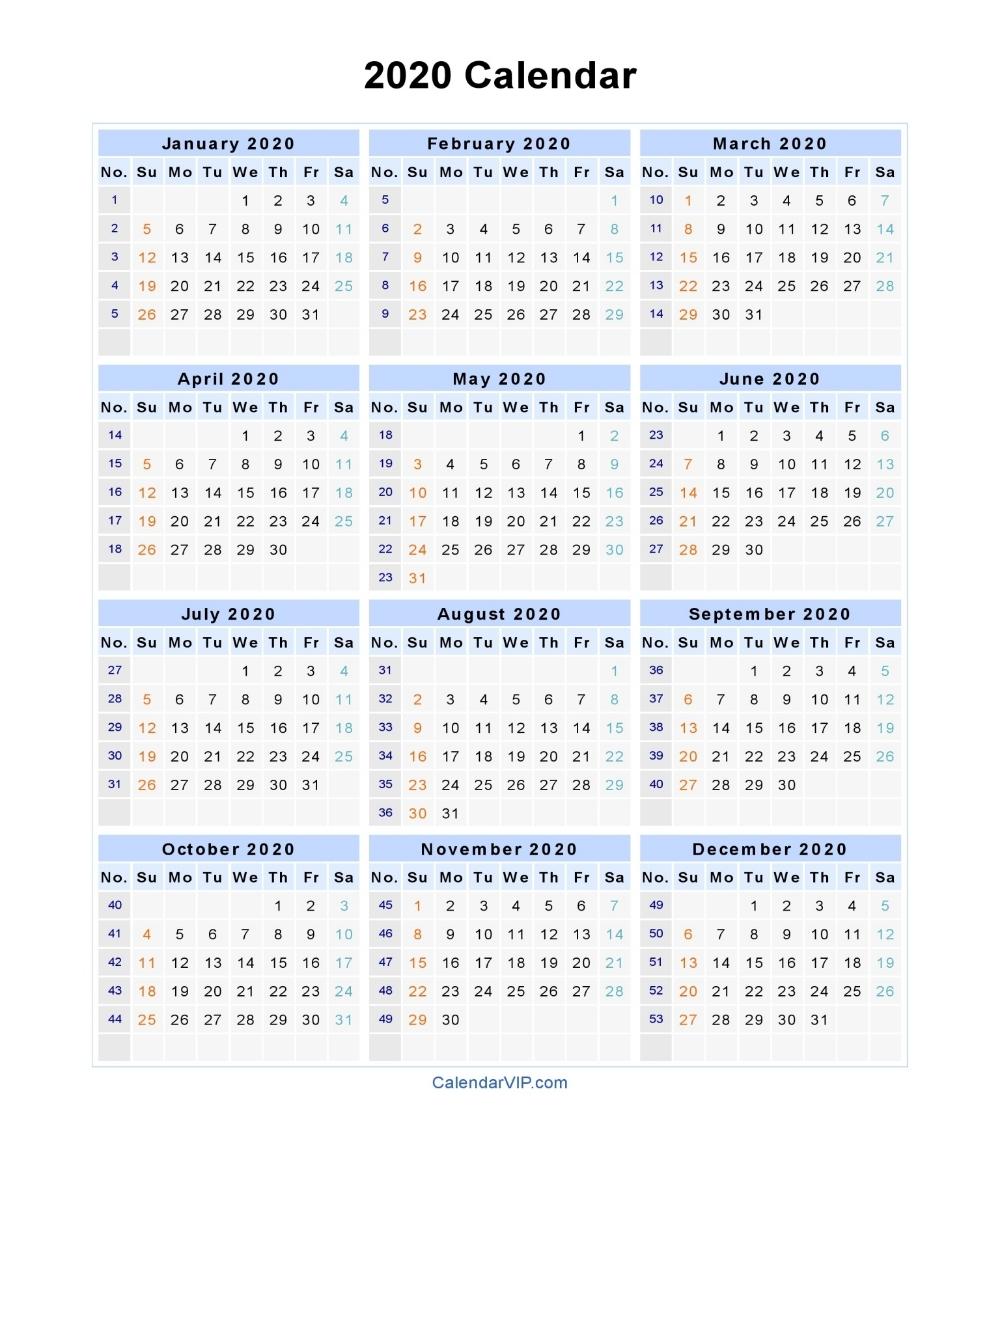 2020 Calendar - Blank Printable Calendar Template In Pdf throughout 2020 Calendar With Week Numbers Printable